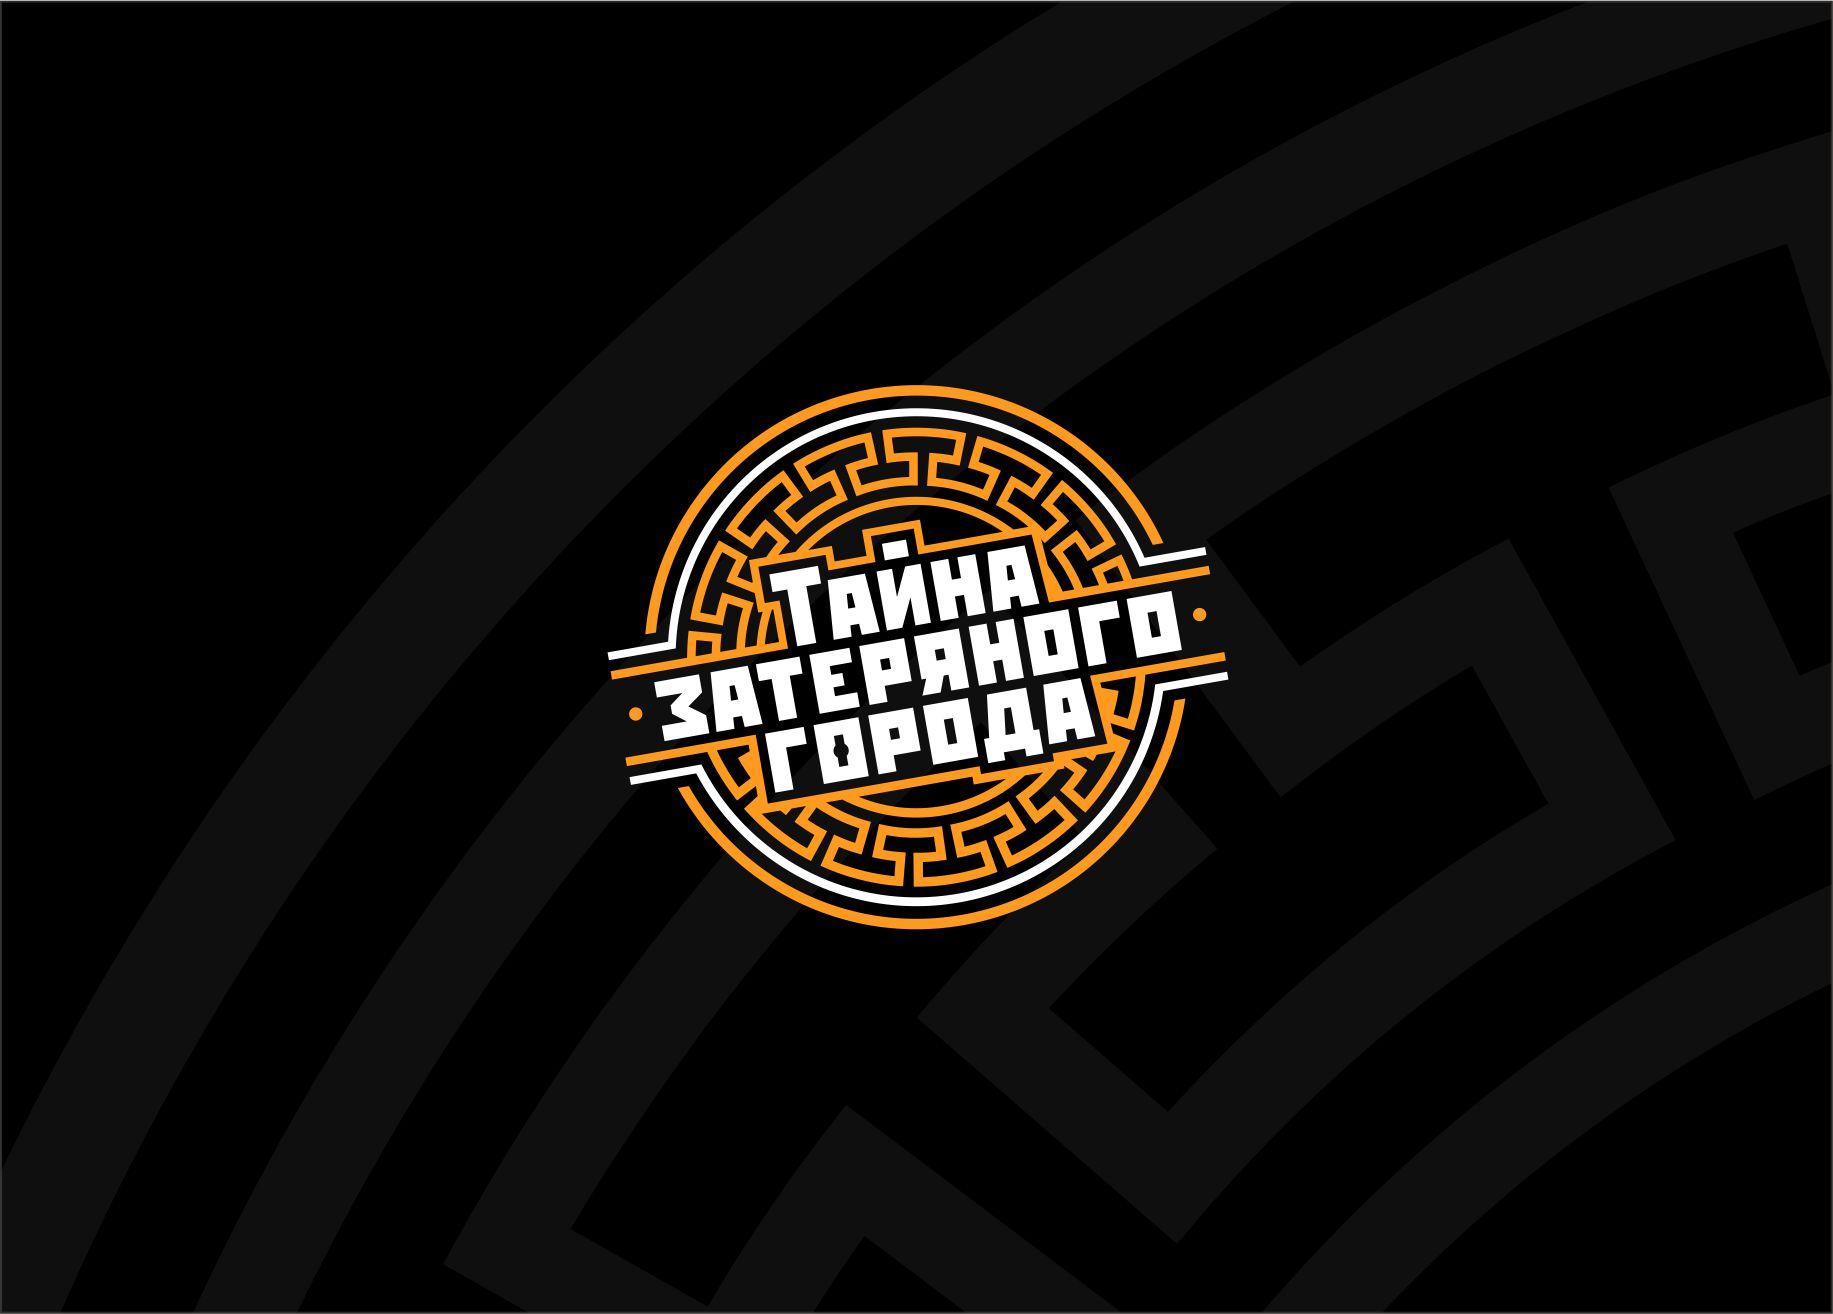 Разработка логотипа и шрифтов для Квеста  фото f_4585b411275f1892.jpg